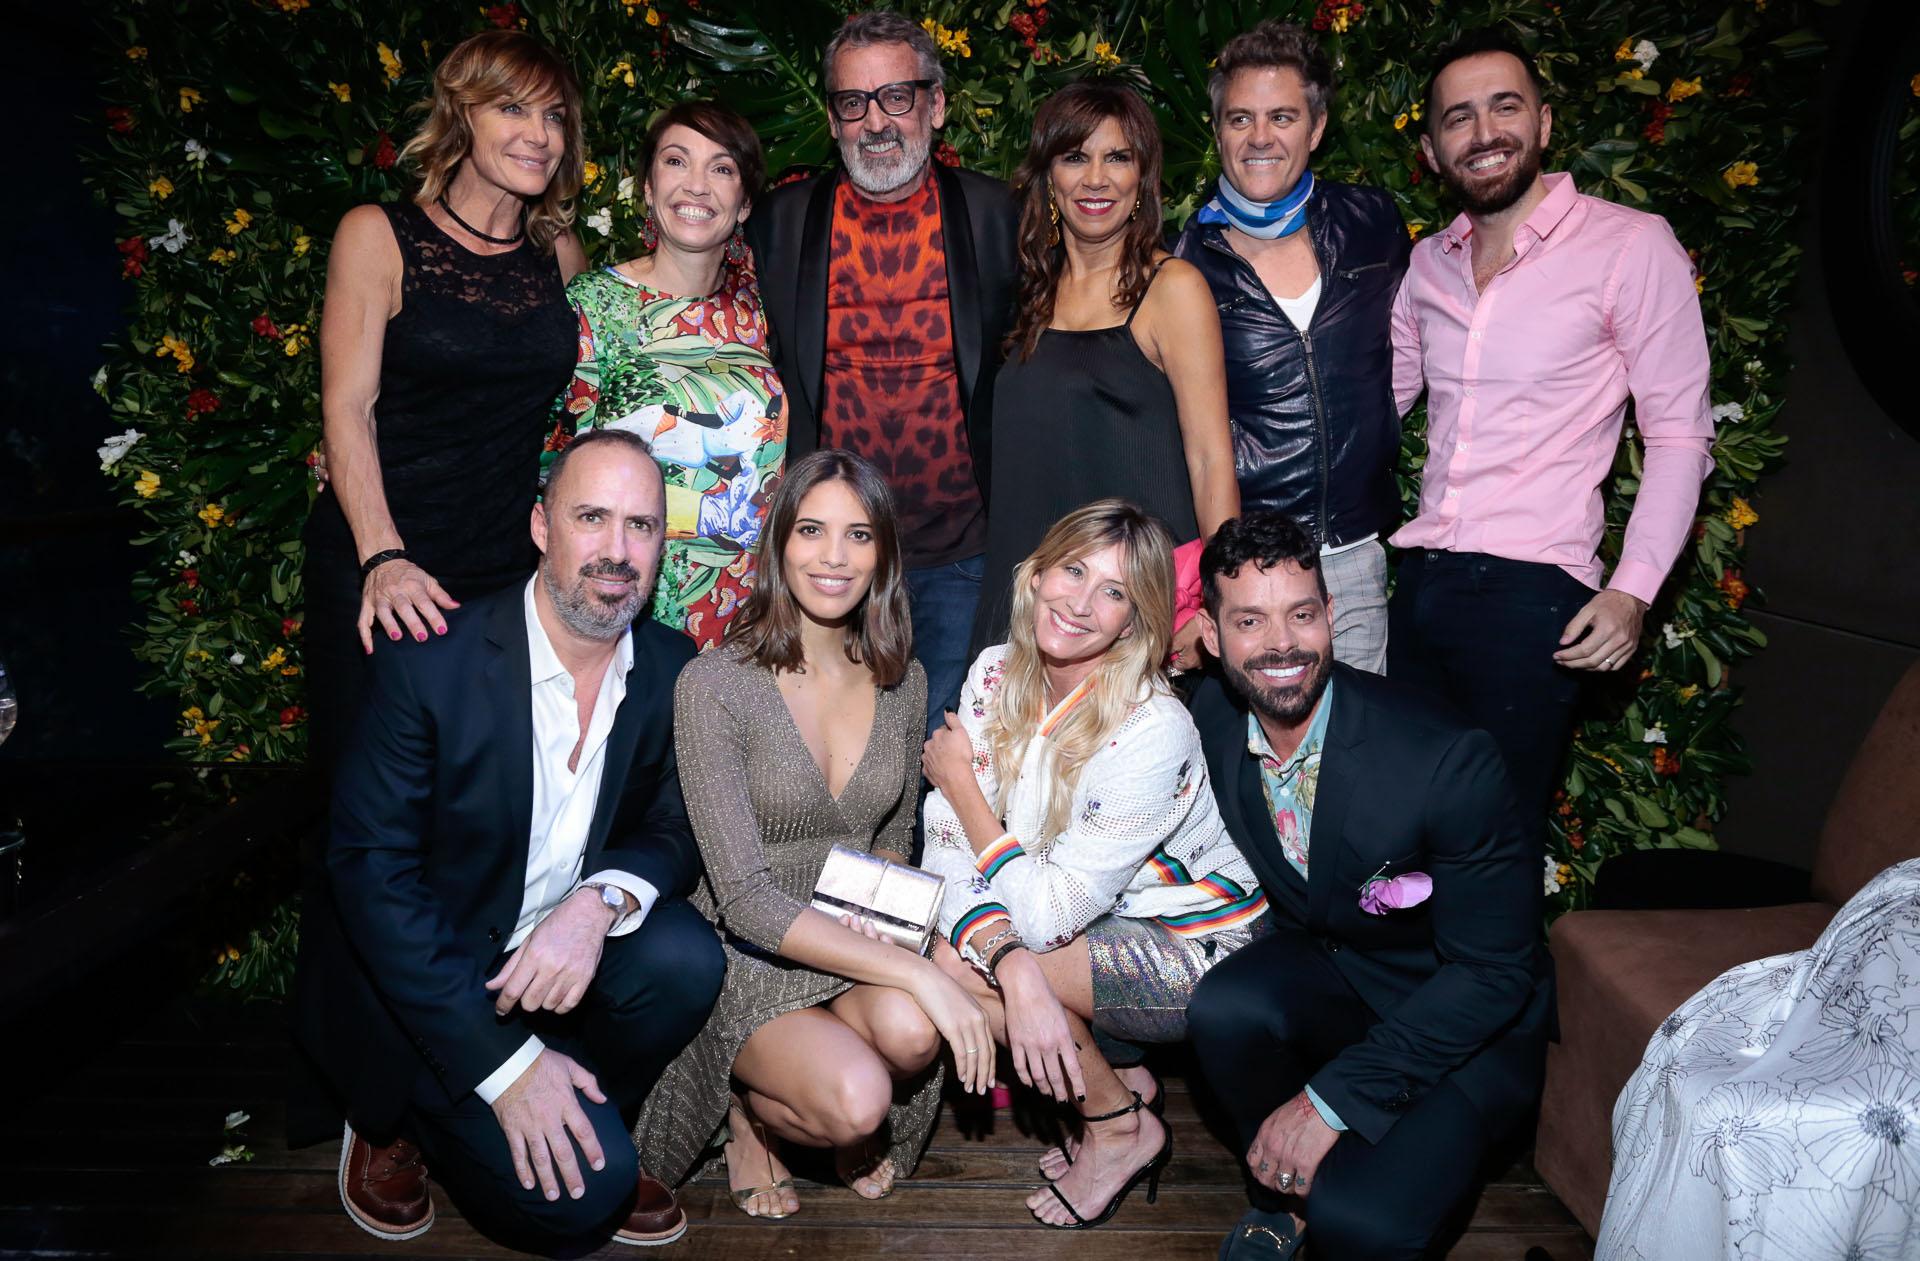 Los invitados famosos en el desfile de Benito Fernández /// Fotos: Christian Bochichio